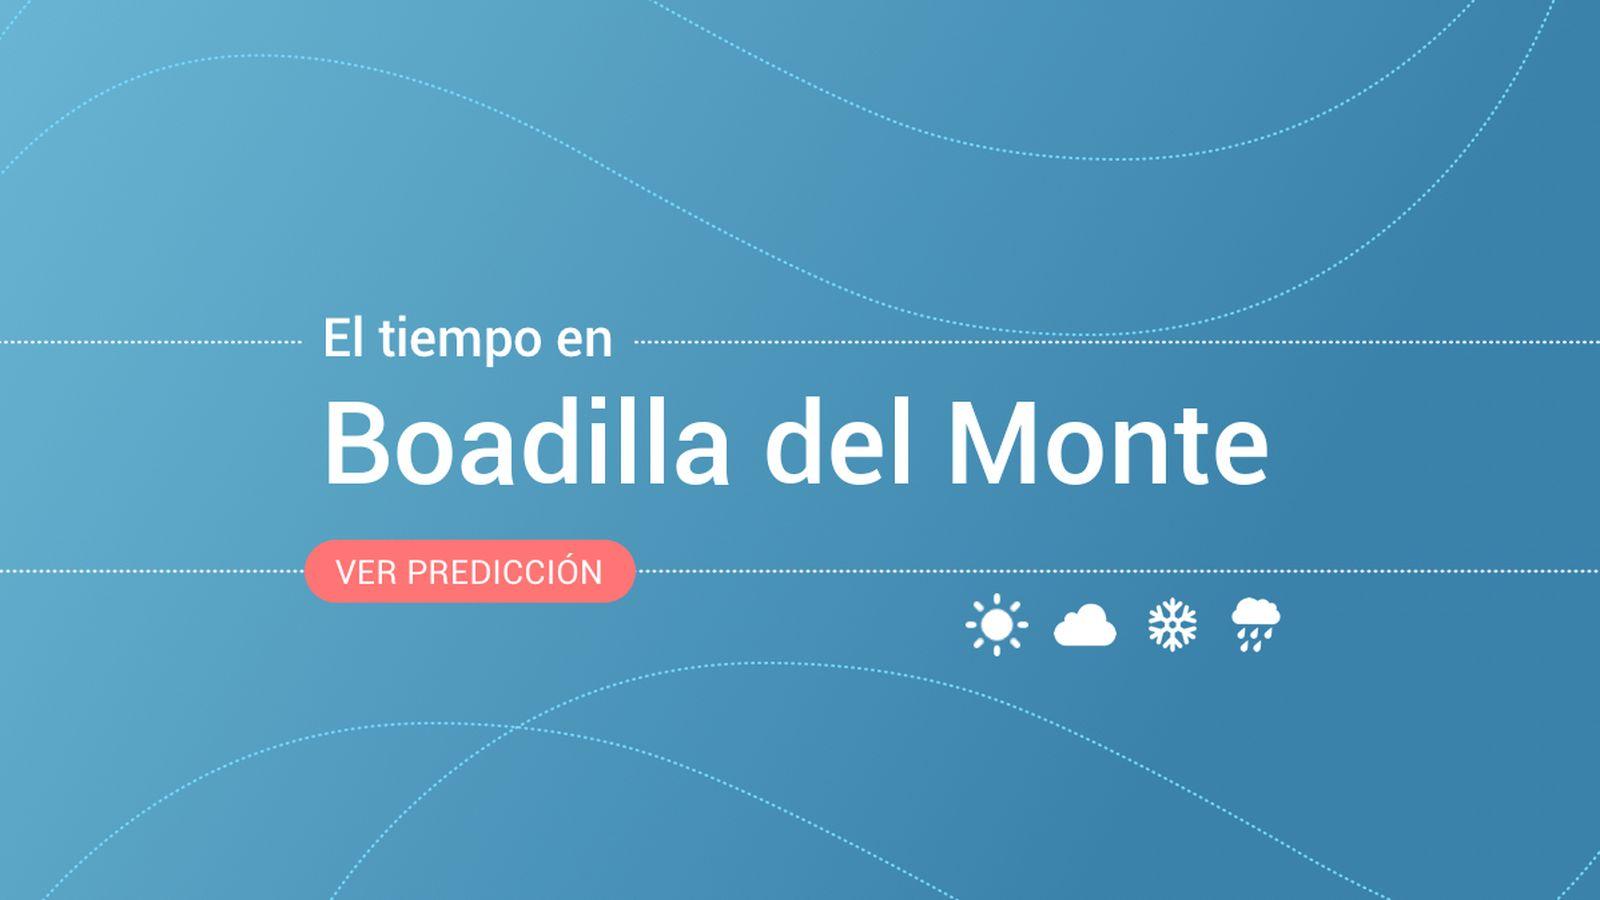 Foto: El tiempo en Boadilla del Monte. (EC)